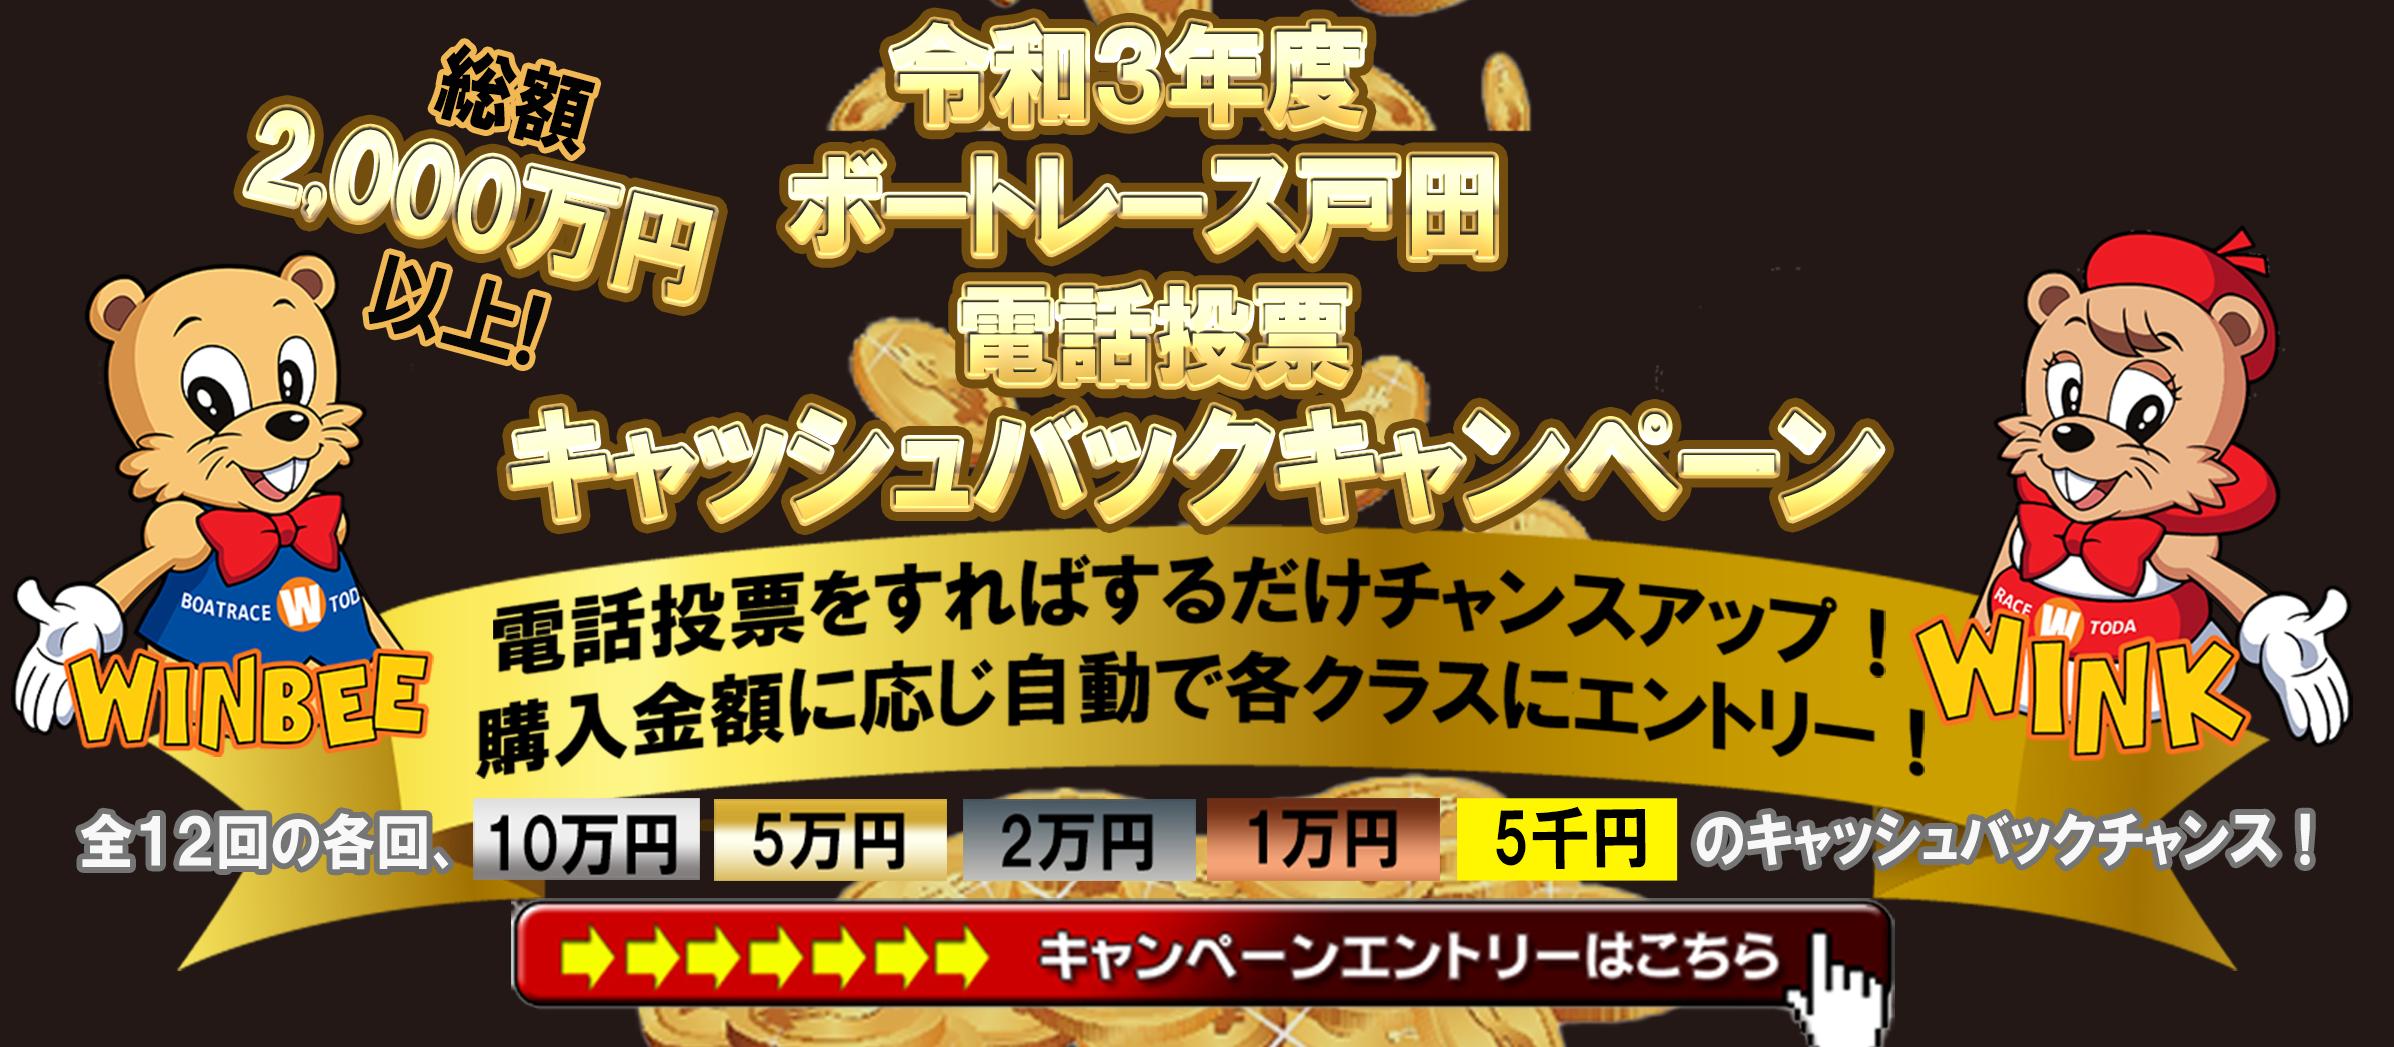 ボートレース戸田|電話投票キャッシュバックキャンペーン